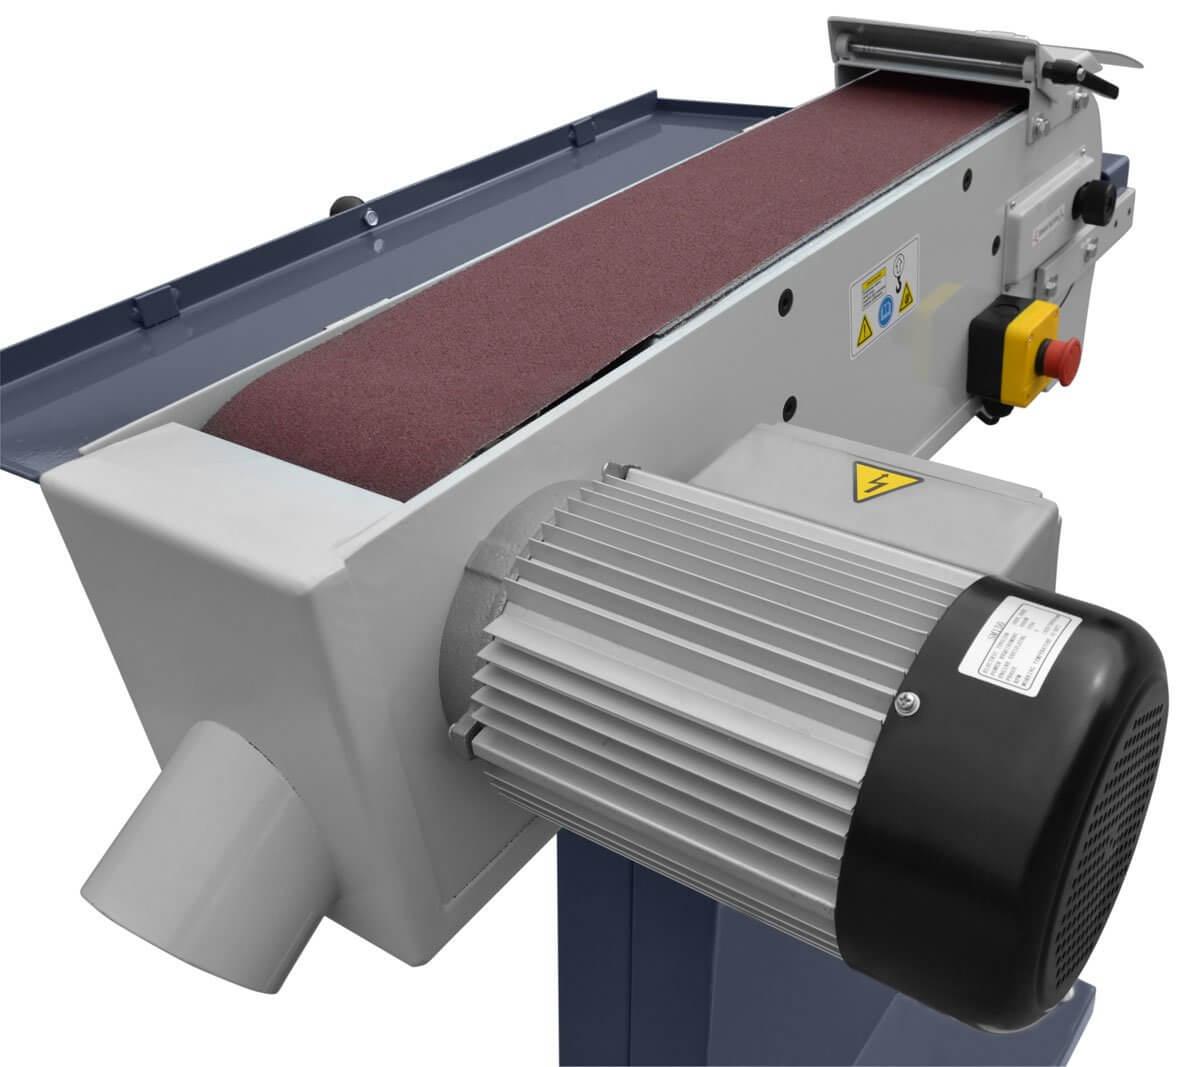 Lijadora-correa-universal-S-75-GAMA-MC-para-talleres-mantenimiento-carpinteria-estructura-metalica-02